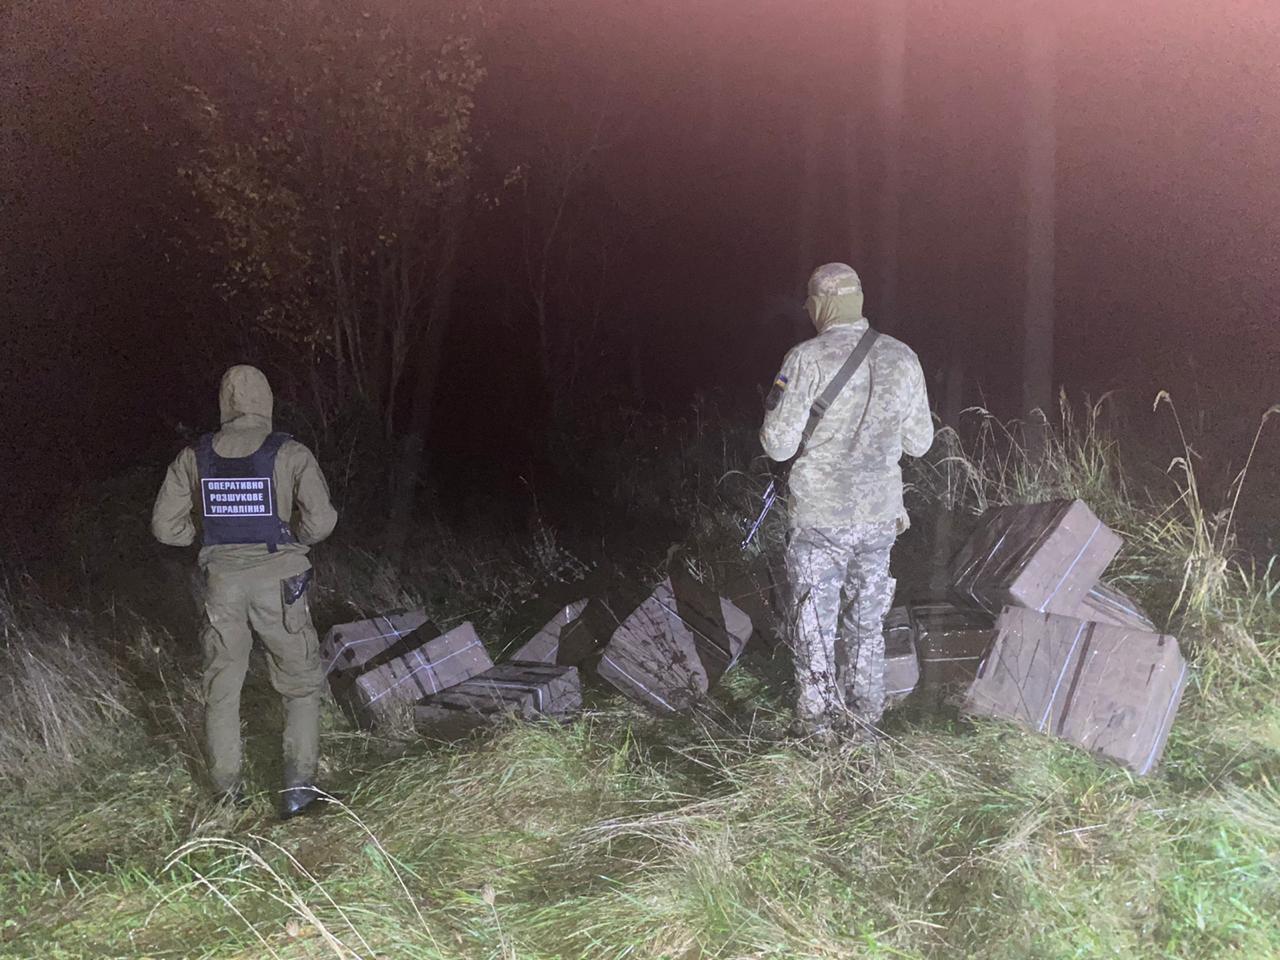 На Закарпатті двоє контрабандистів намагалися переправити через кордон 6 тис пачок сигарет